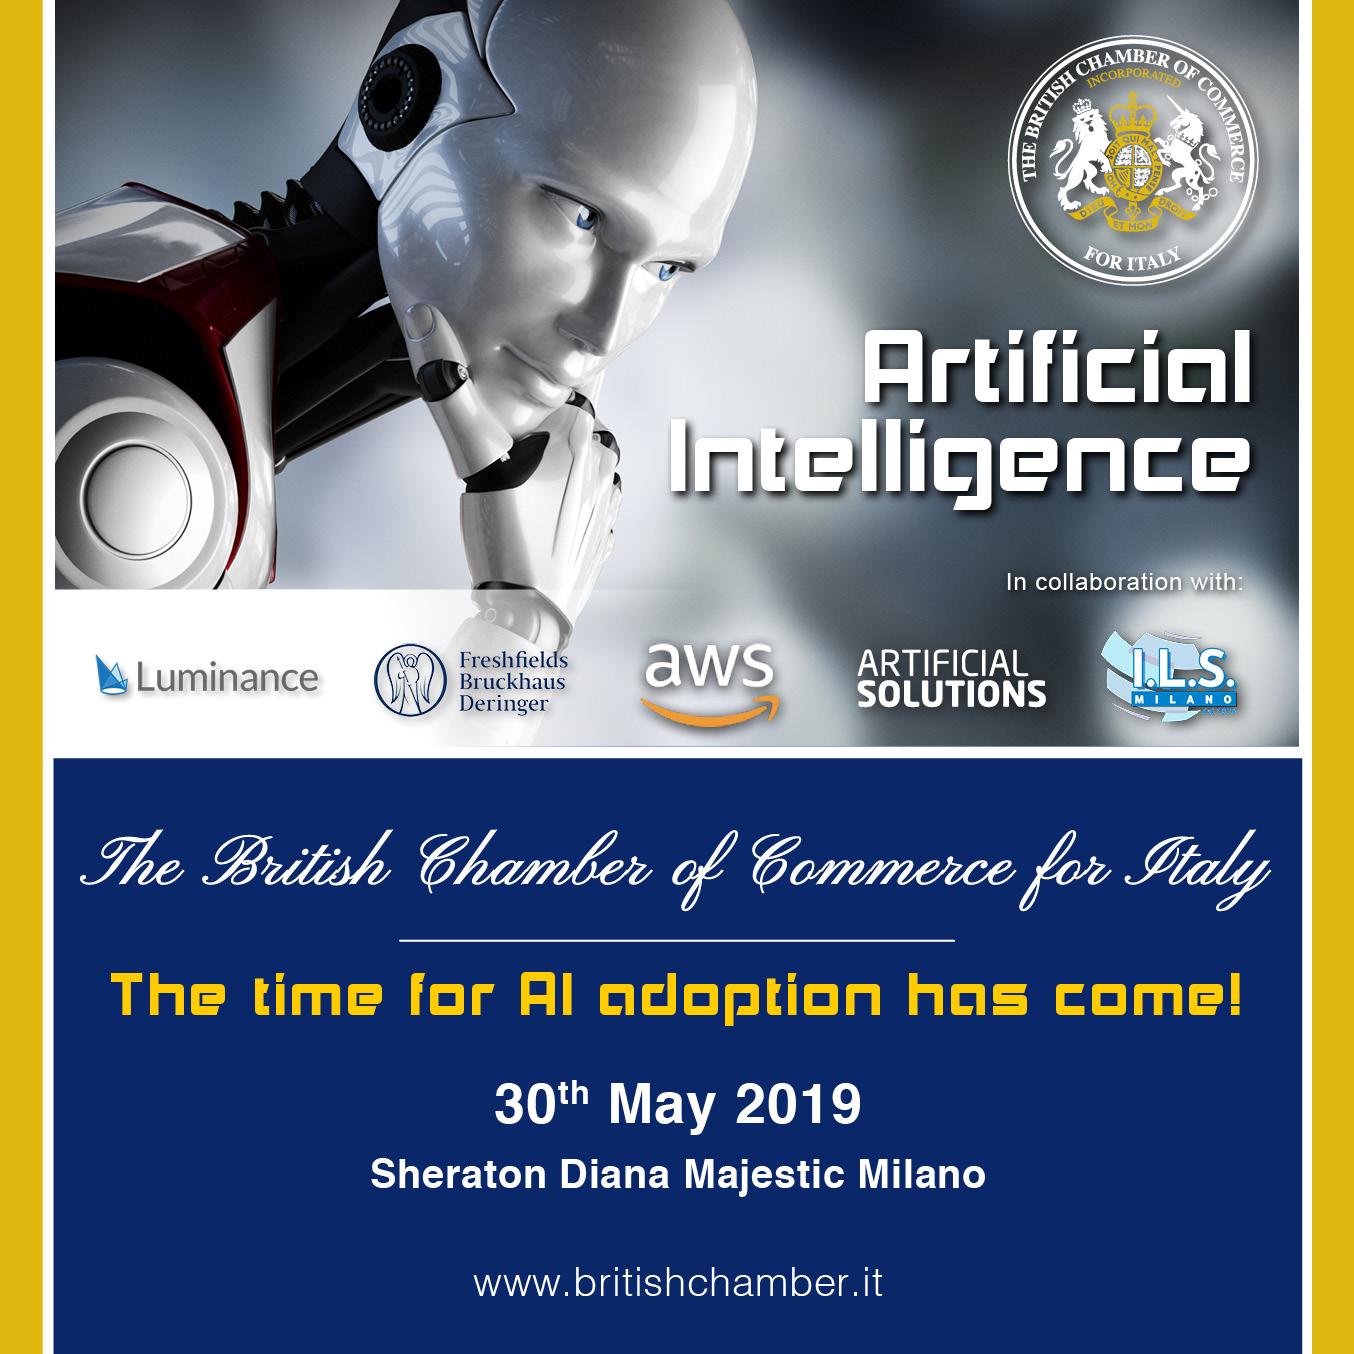 AI Seminar BCCI ils milano intelligenza artificiale artificial intelligence sheraton diana majestic milan voxy corso inglese online